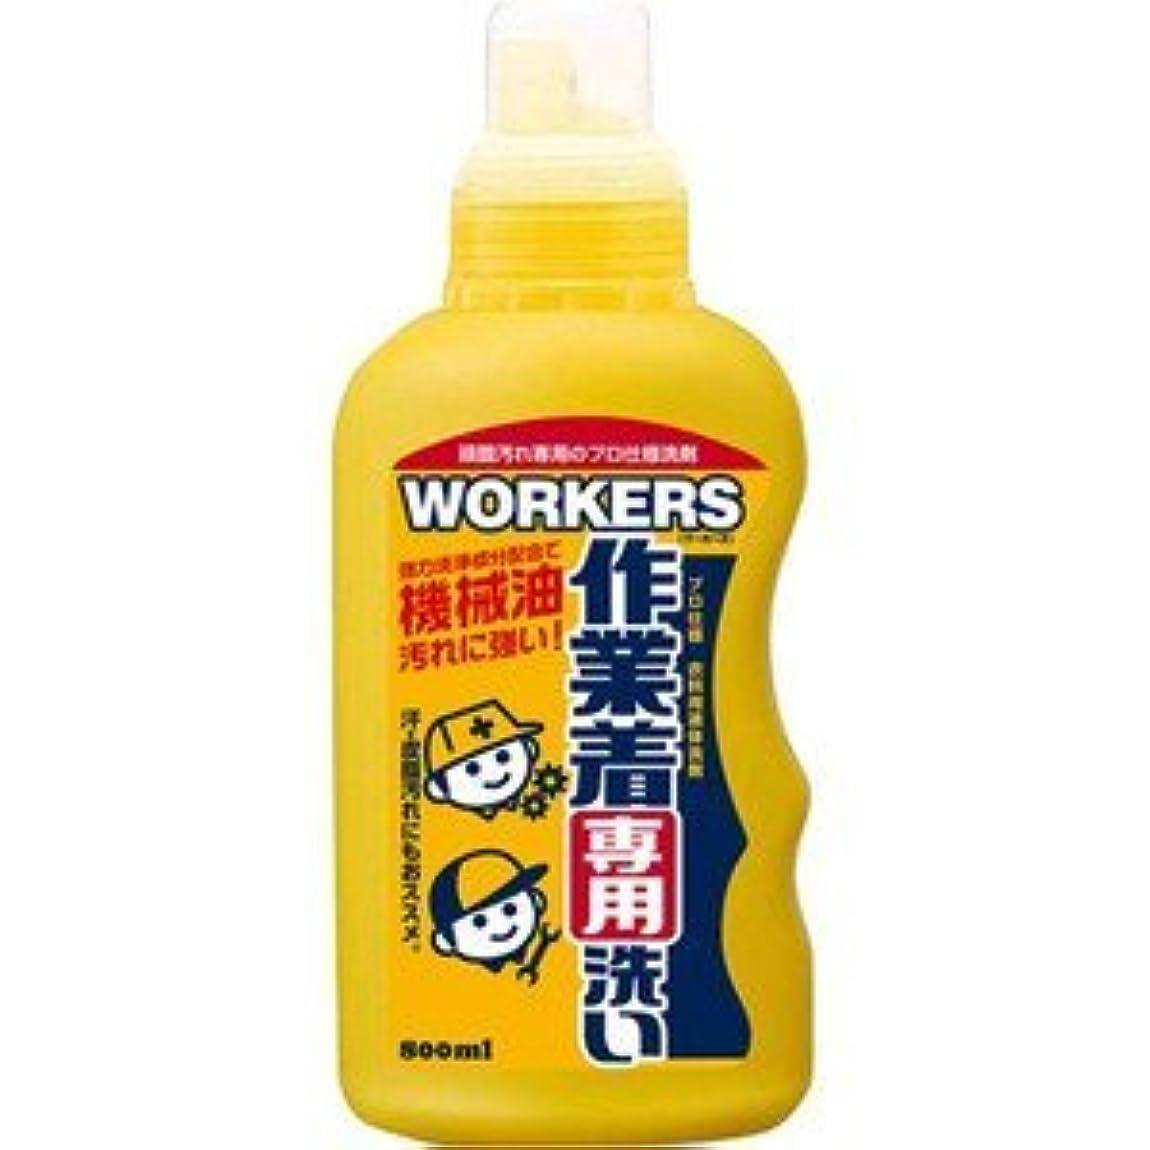 ポータブル思い出させる妖精(NSファーファ?ジャパン)WORKERS 作業着液体洗剤 本体 800ml(お買い得3個セット)